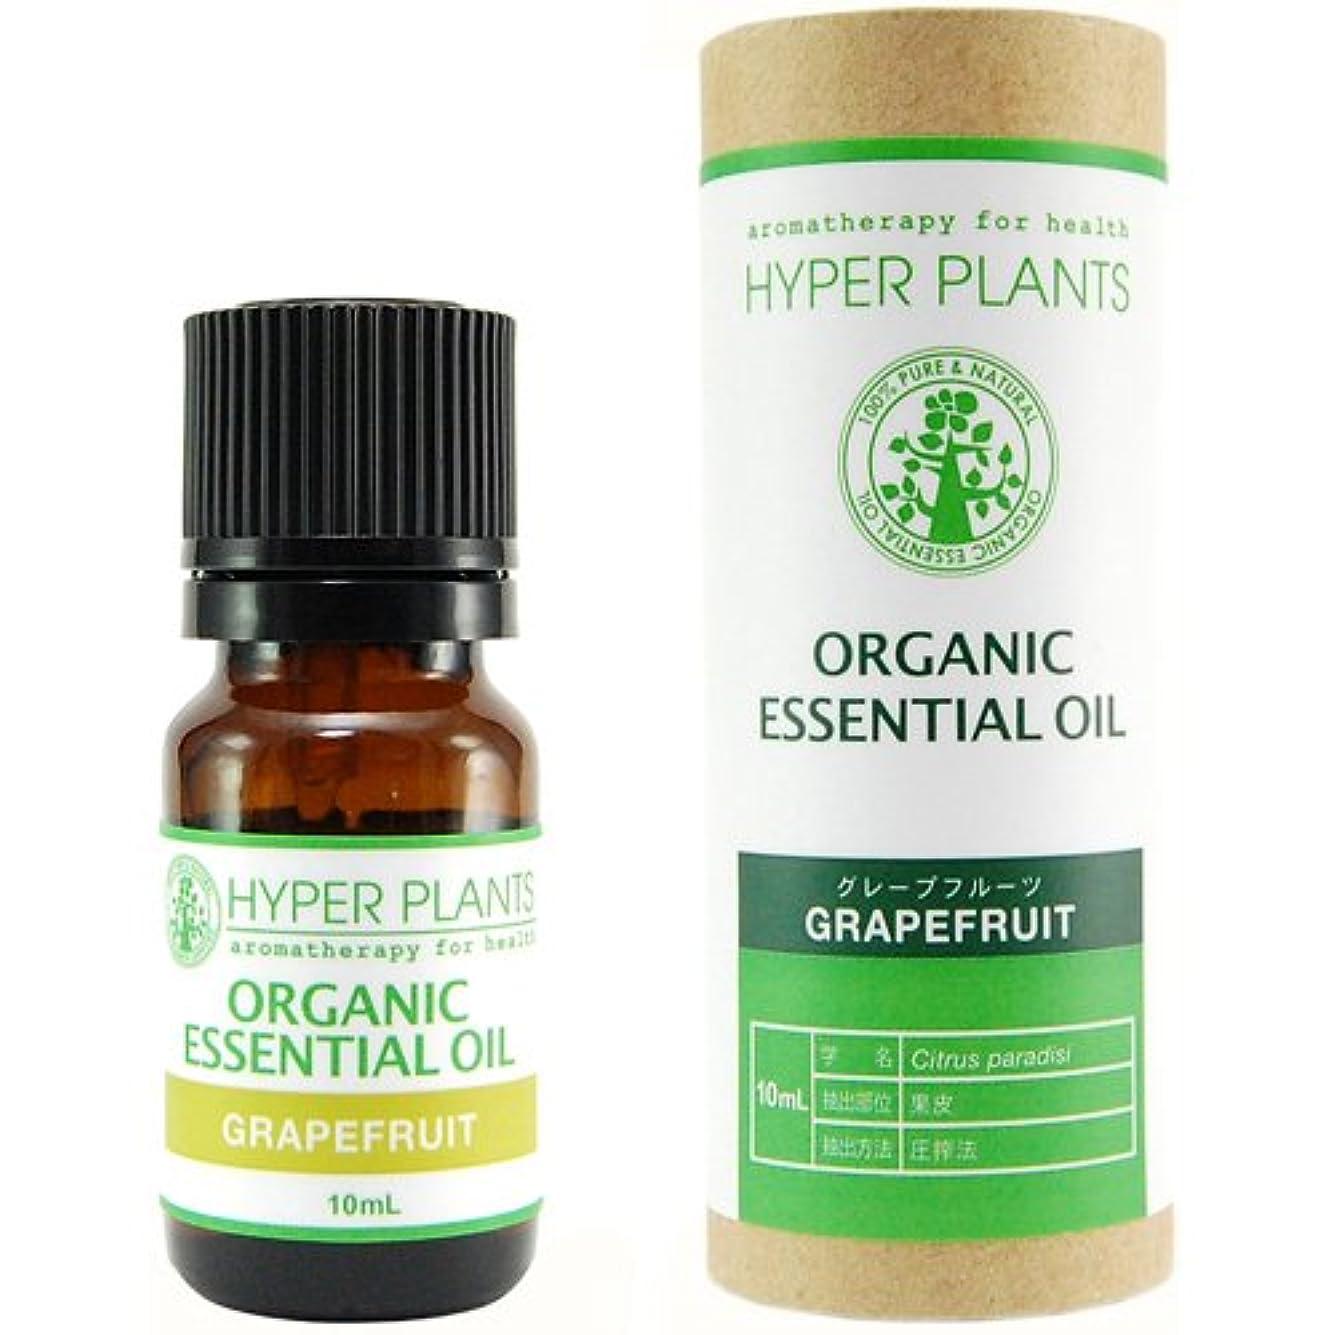 利益テスピアン事業内容HYPER PLANTS ハイパープランツ オーガニックエッセンシャルオイル グレープフルーツ 10ml HE0210